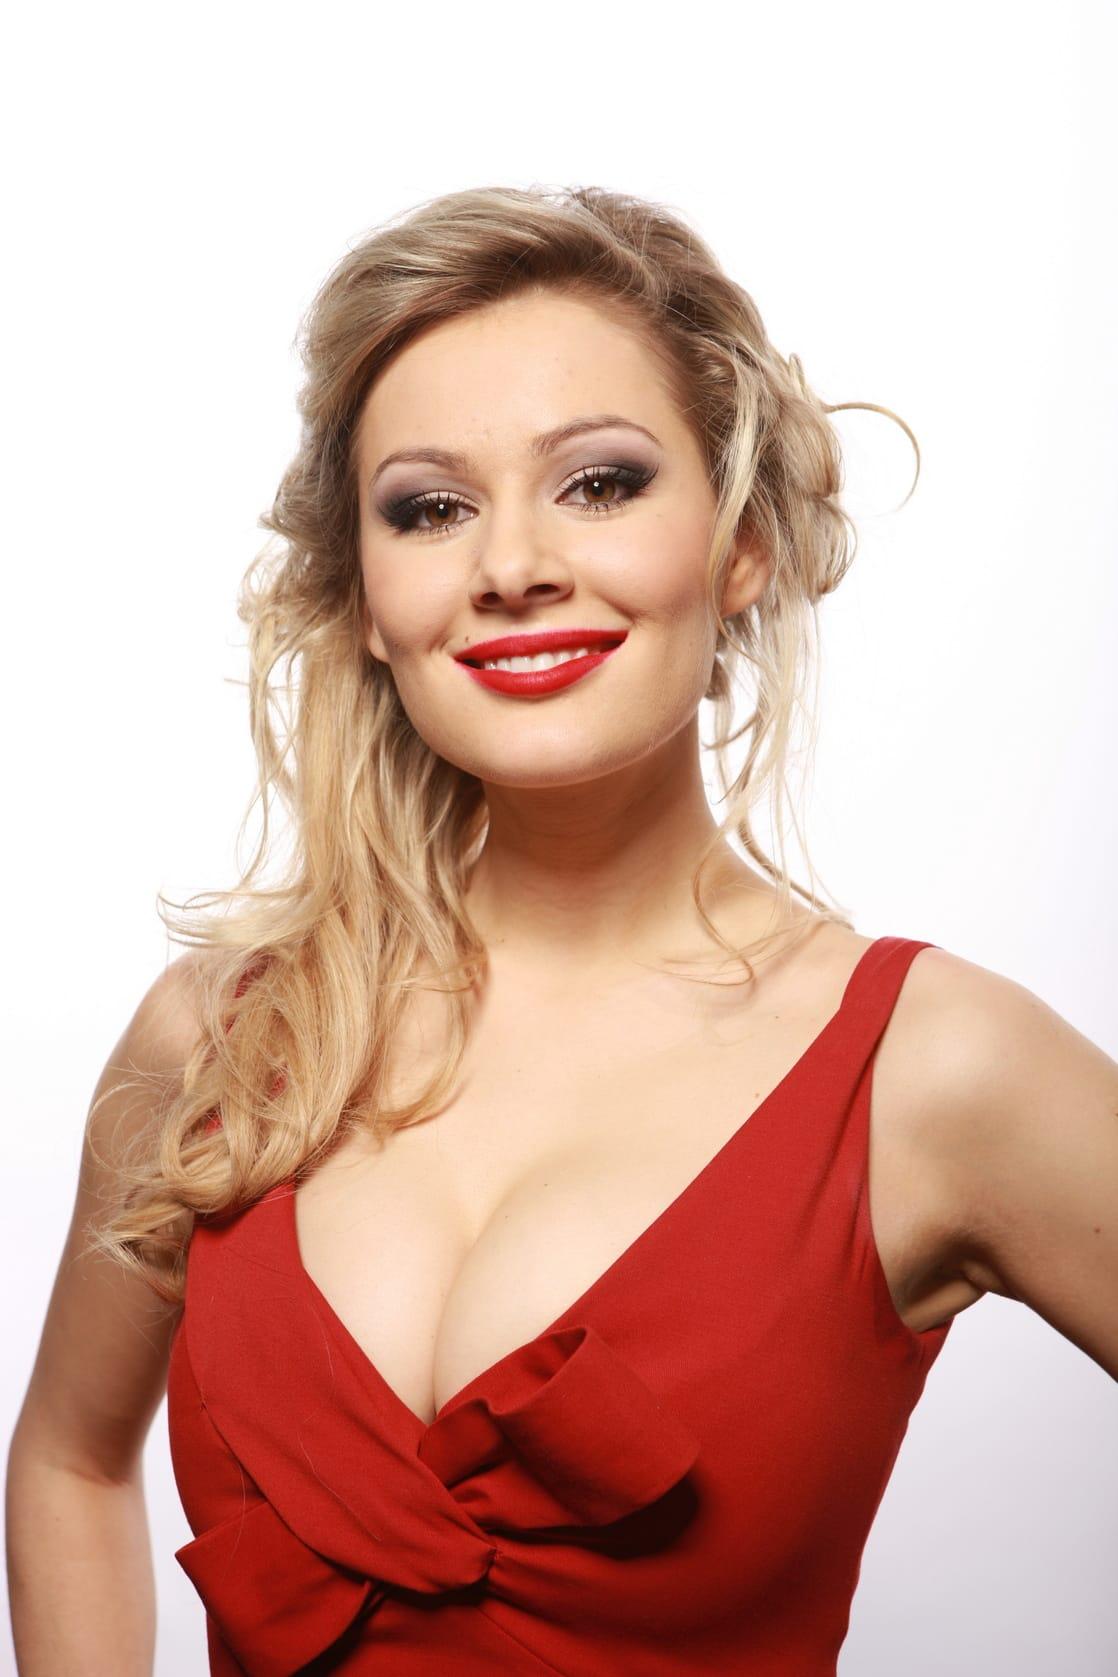 Mariya Kozhevnikova